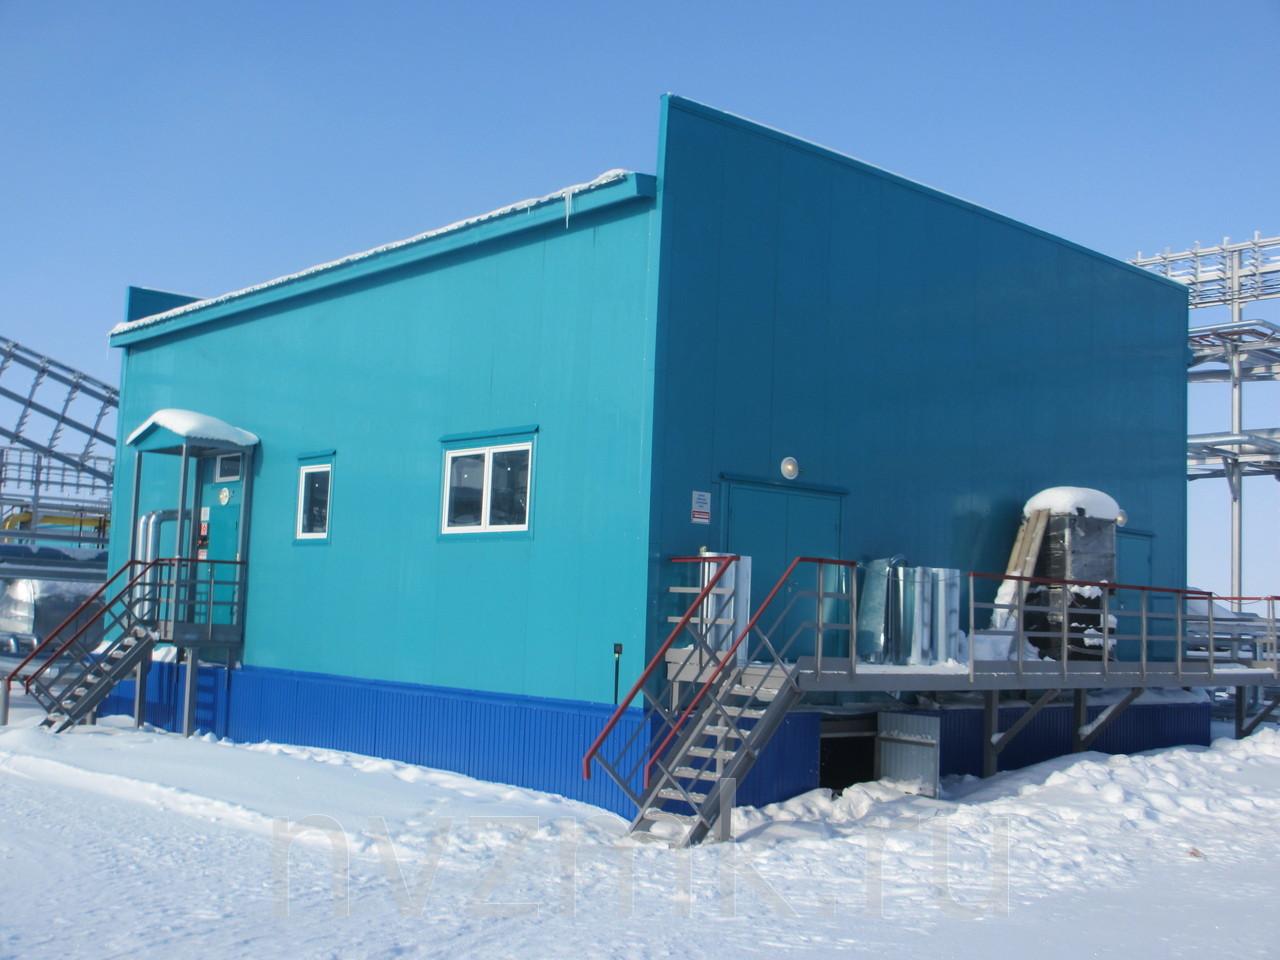 заказать проектирование, а также постройку вспомогательных зданий и сооружений